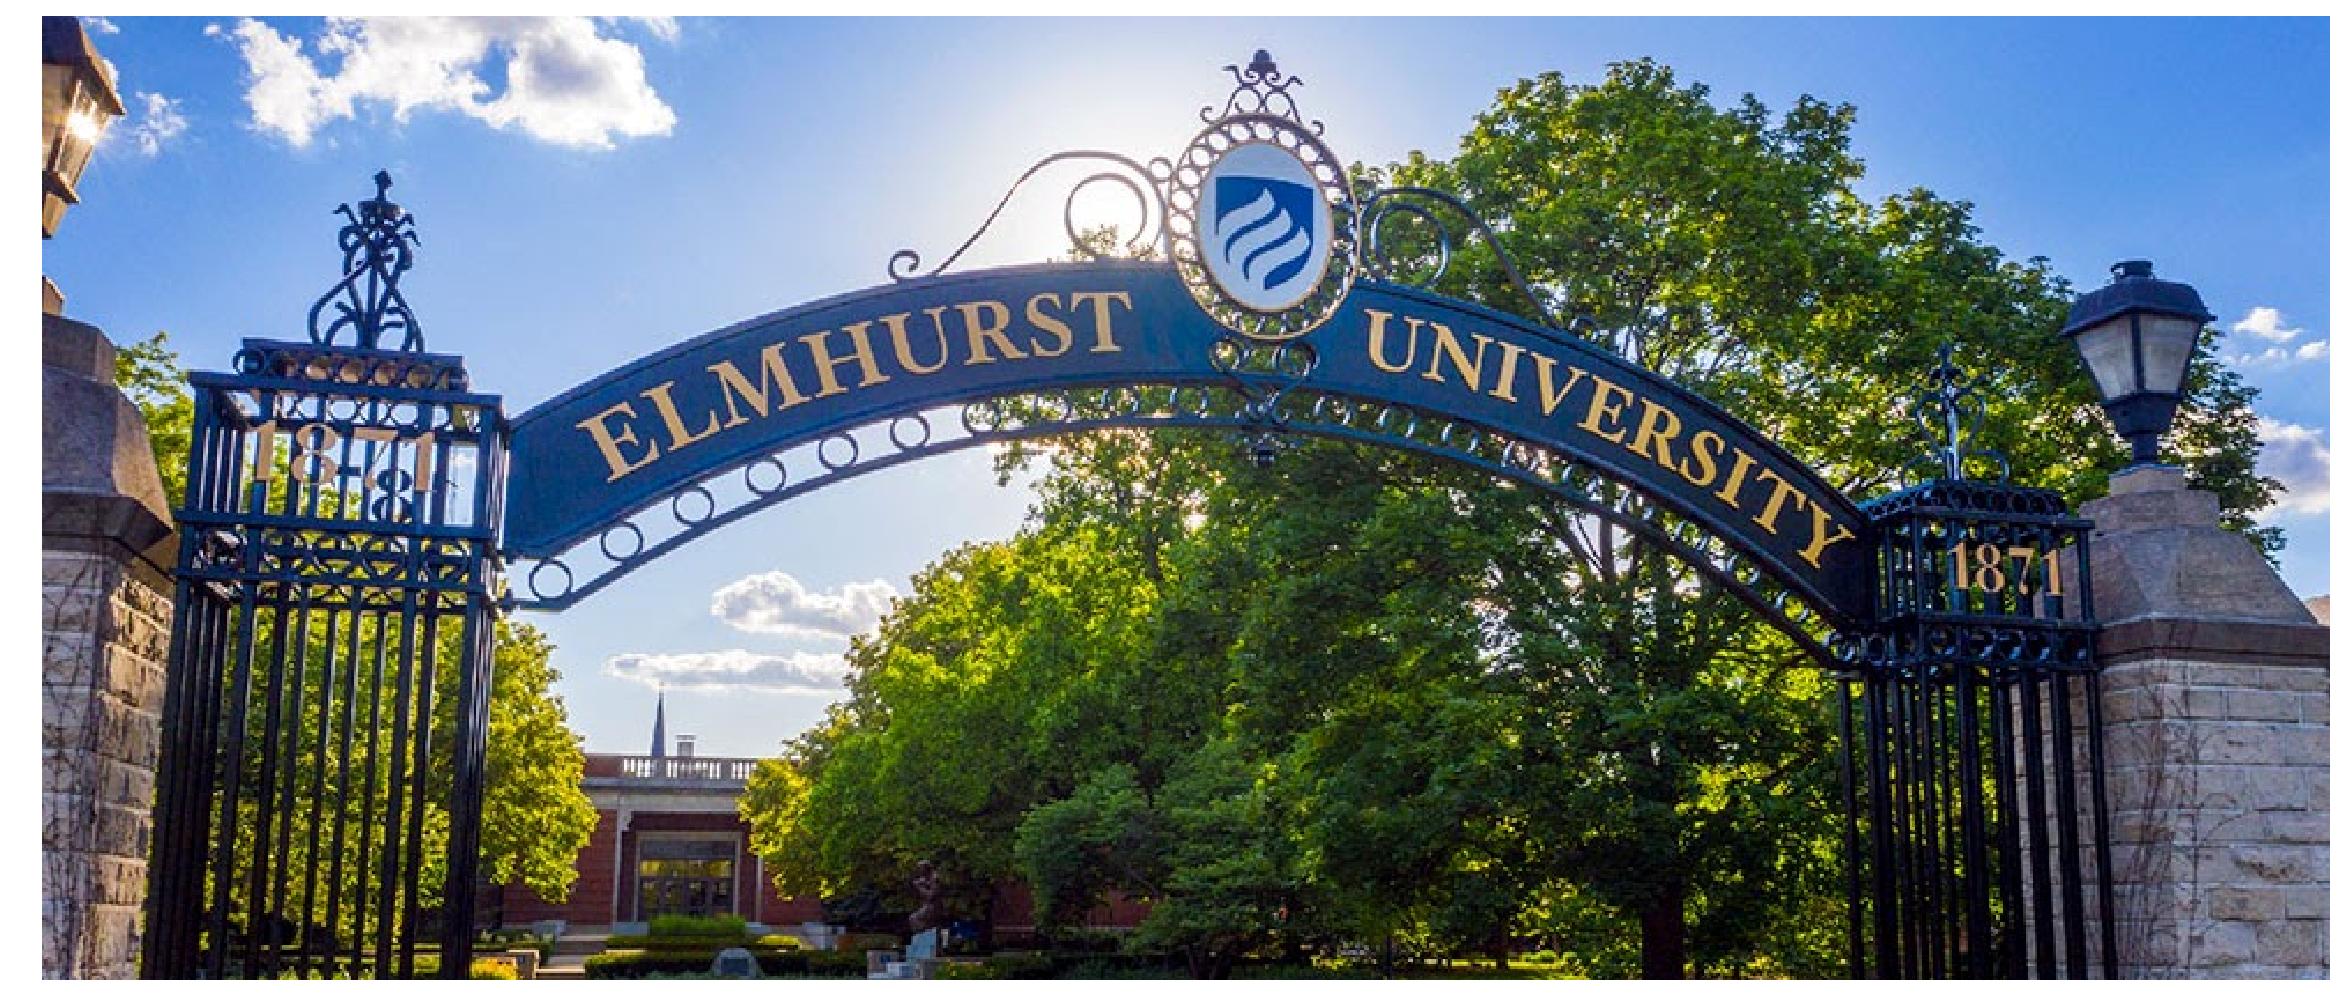 ĐẠI HỌC ELMHURST- HỌC BỔNG CAO, HỌC MBA KHÔNG CẦN GRE/GMAT